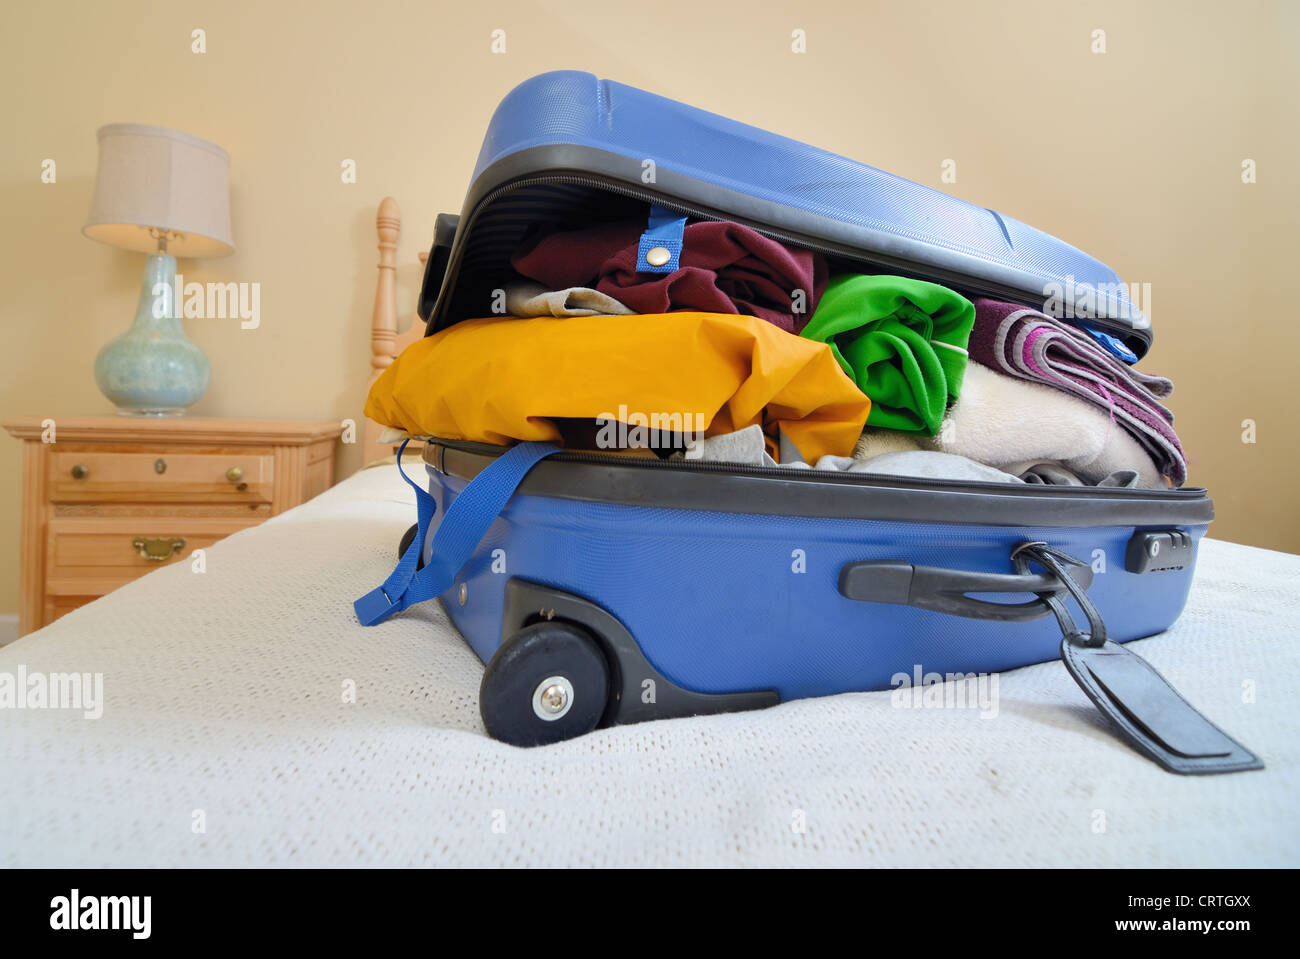 Traboccante di bagagli su un letto Immagini Stock